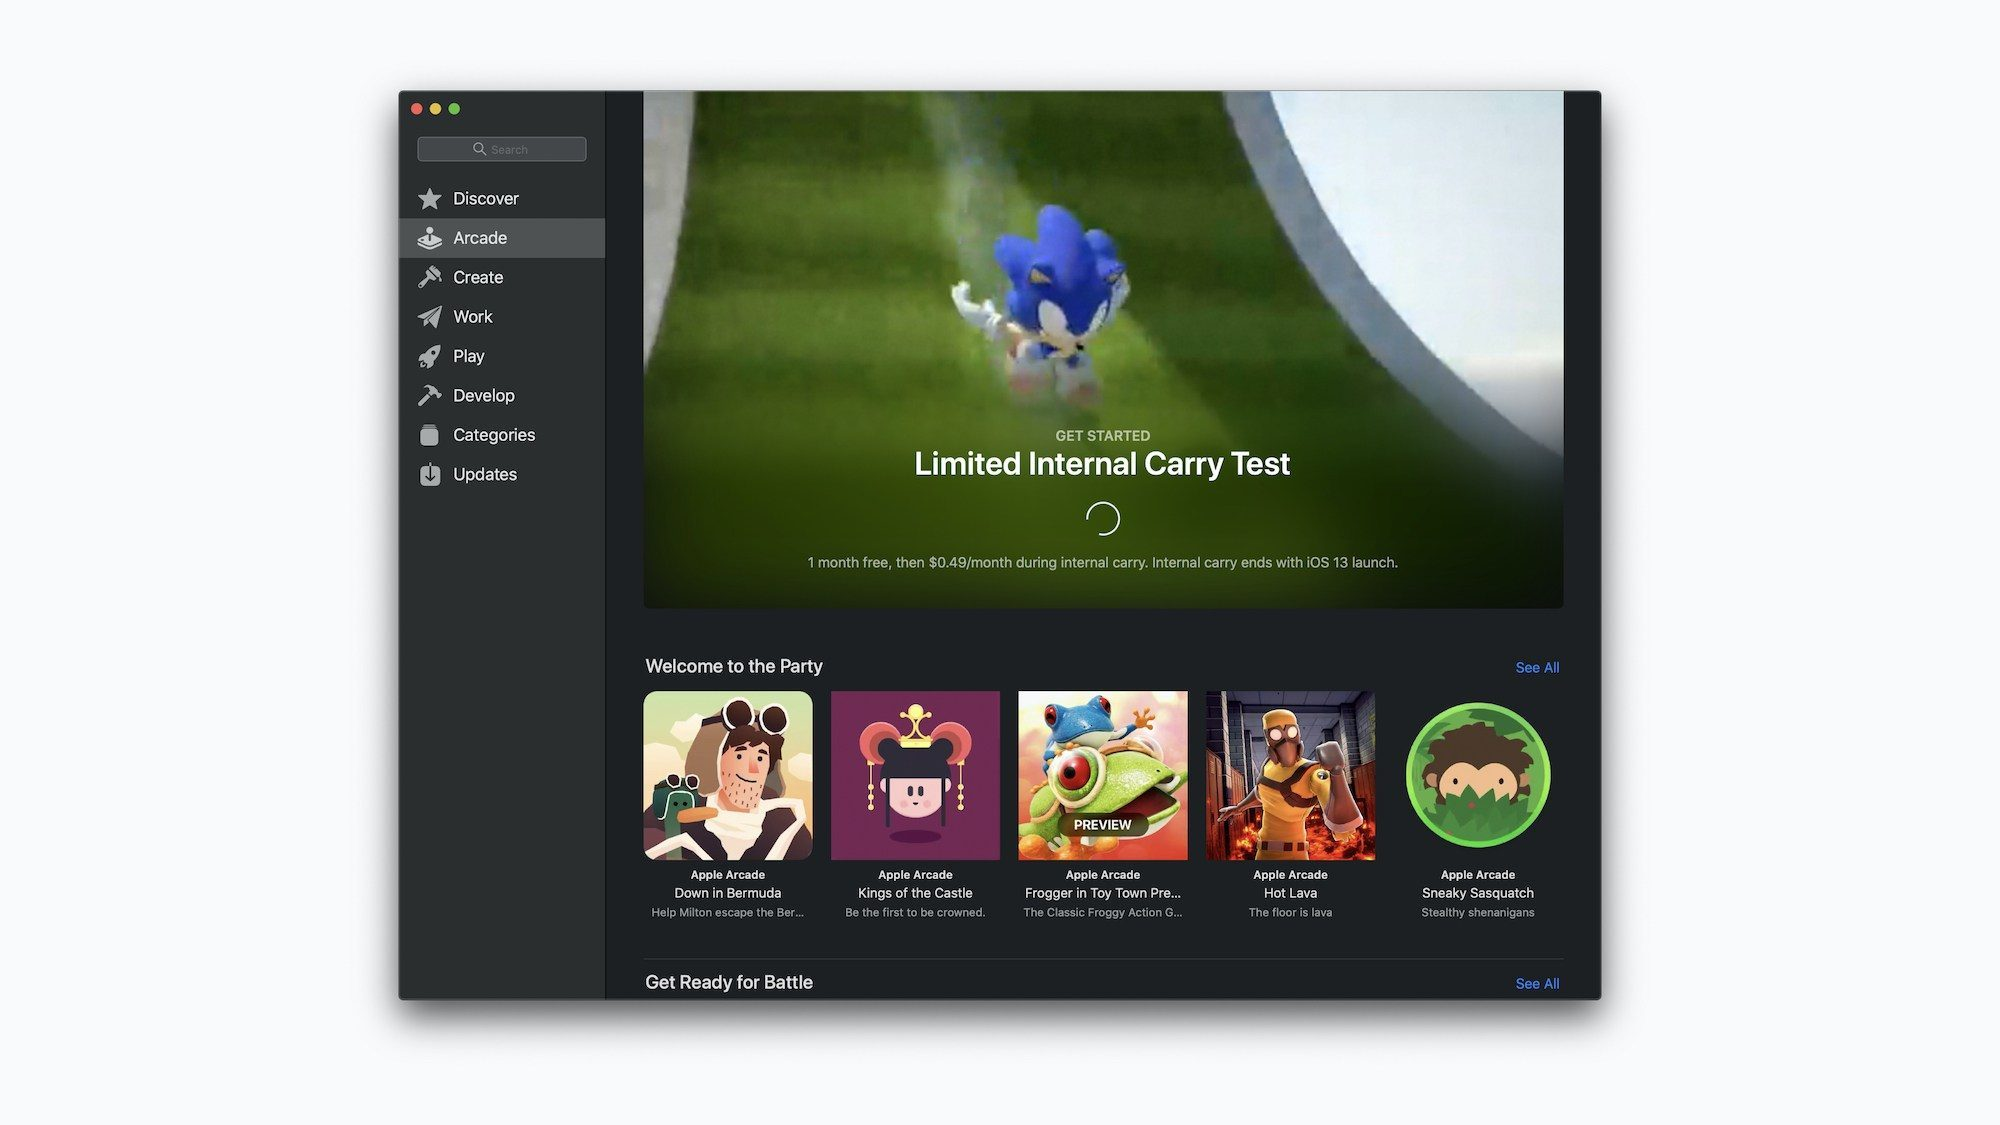 Apple уже тестирует игровой сервис Arcade на сотрудниках